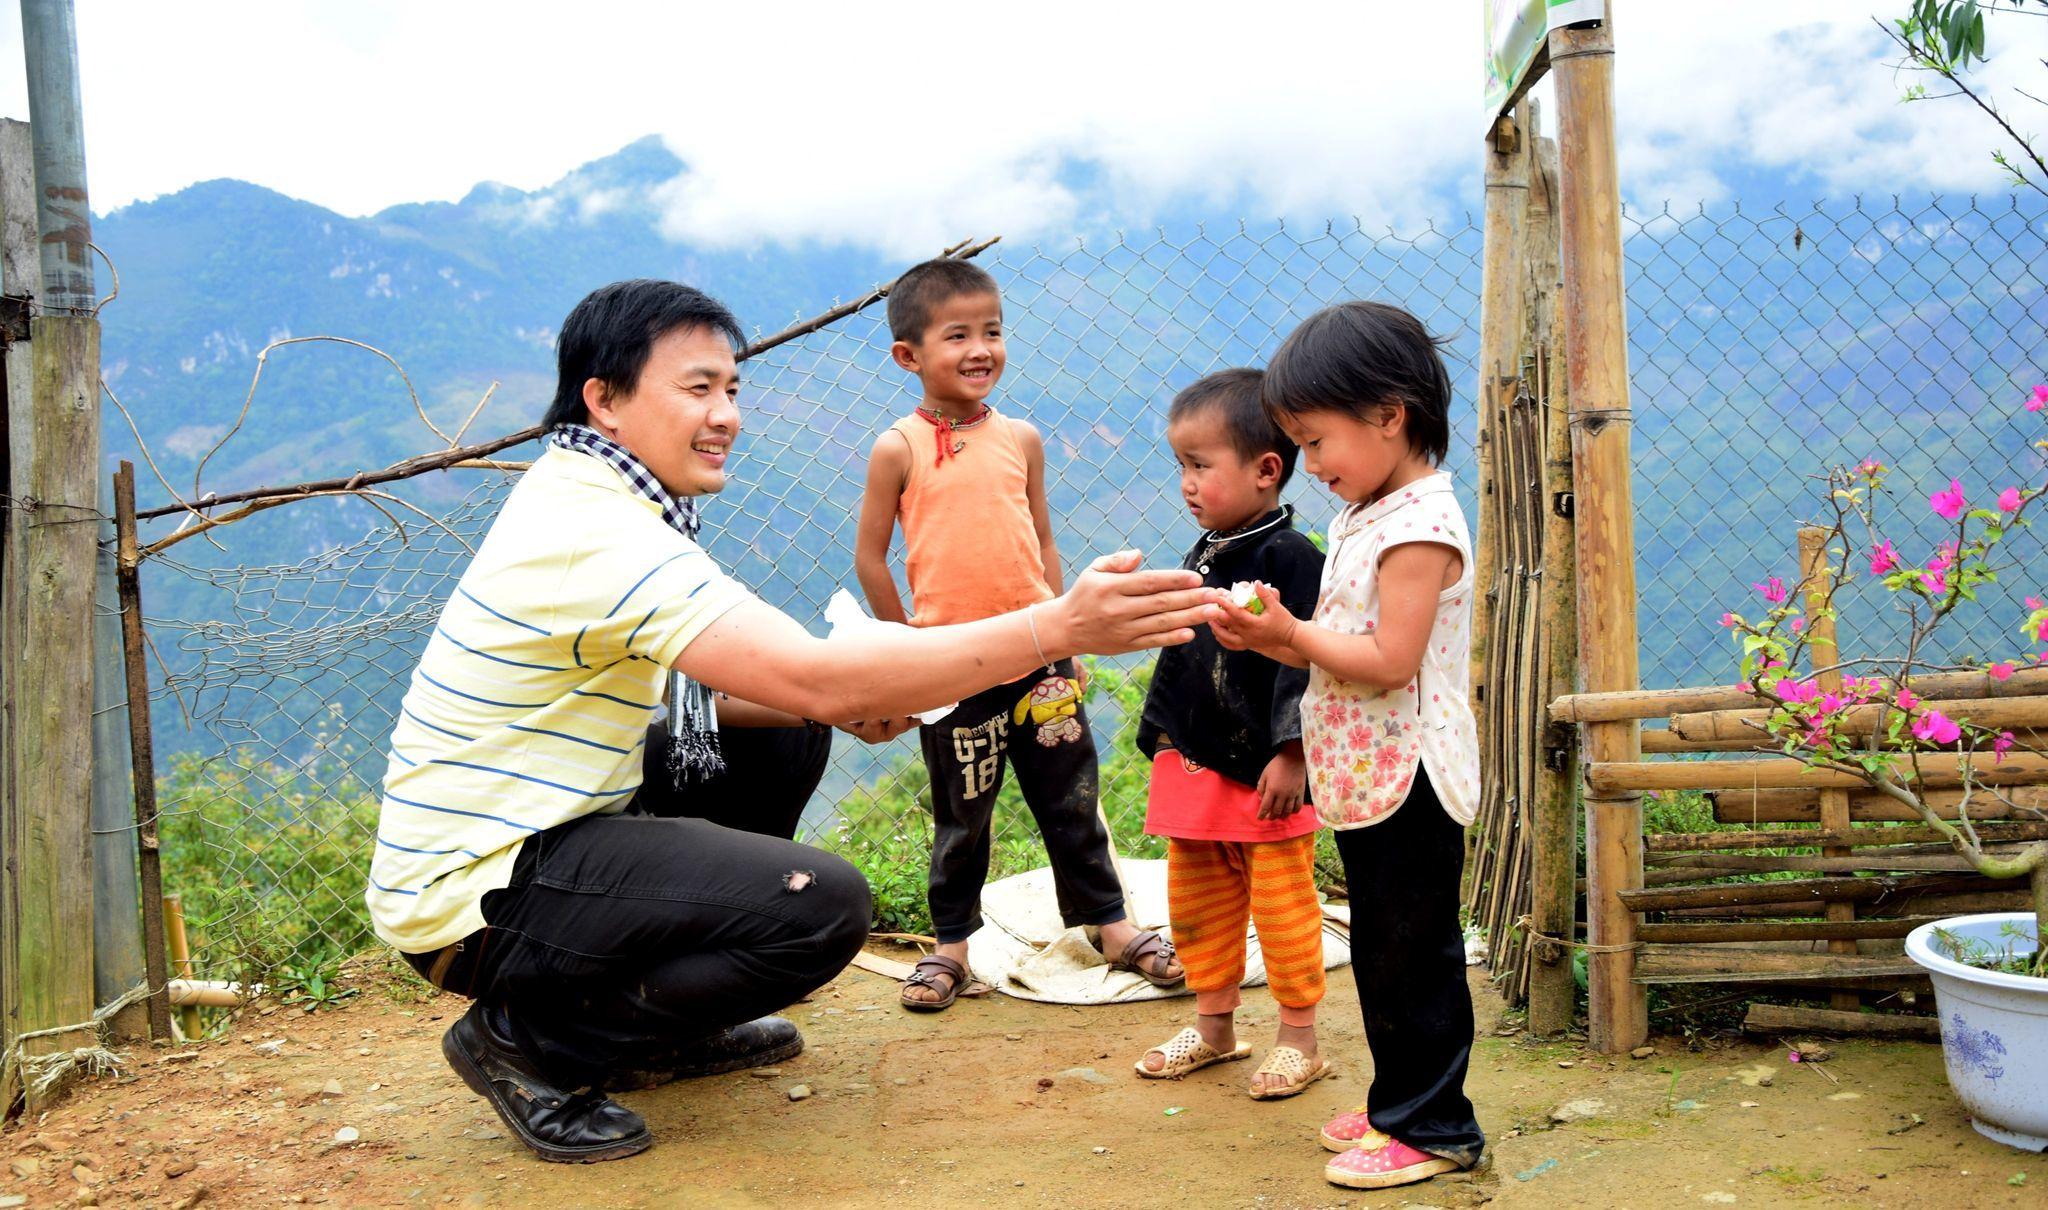 Hoài Linh 'ngâm' 14 tỷ: Không biết tiền đi đâu, người gửi tiền đã sai ngay từ đầu?